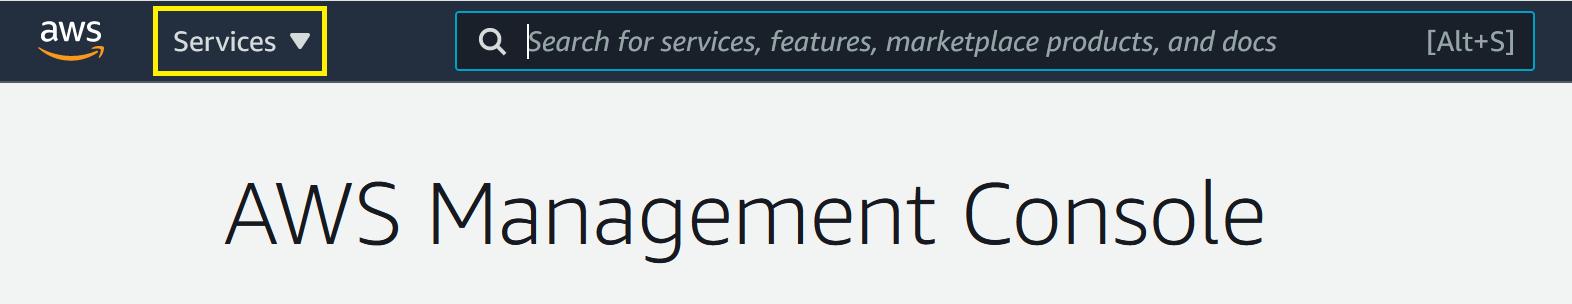 AWS Management Console showing services drop-down menu.